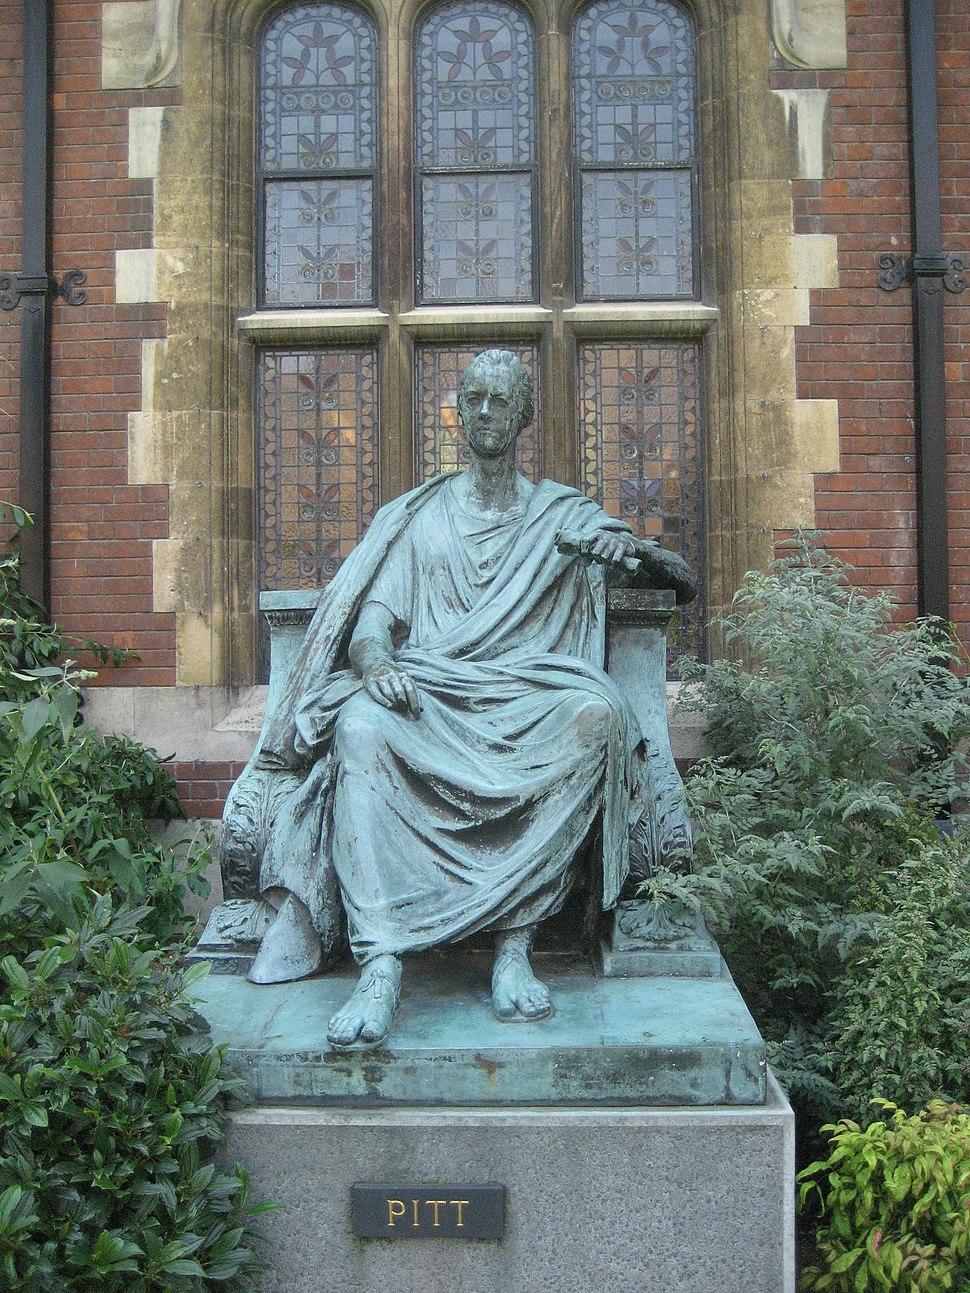 William Pitt sculpture at Pembroke College, Cambridge